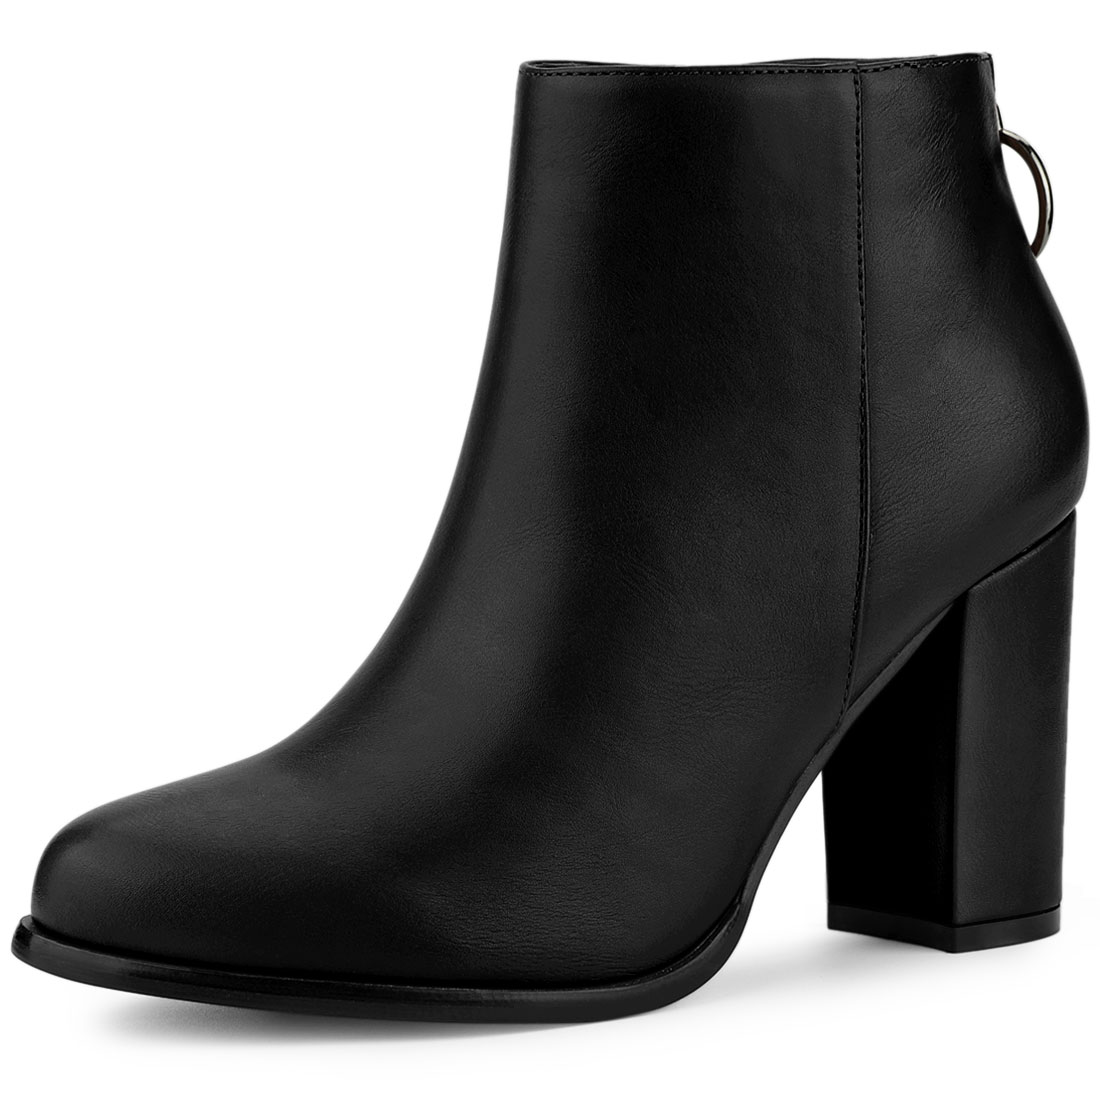 Allegra K Women's Round Toe Back Zip Block Heel Ankle Booties Black US 8.5